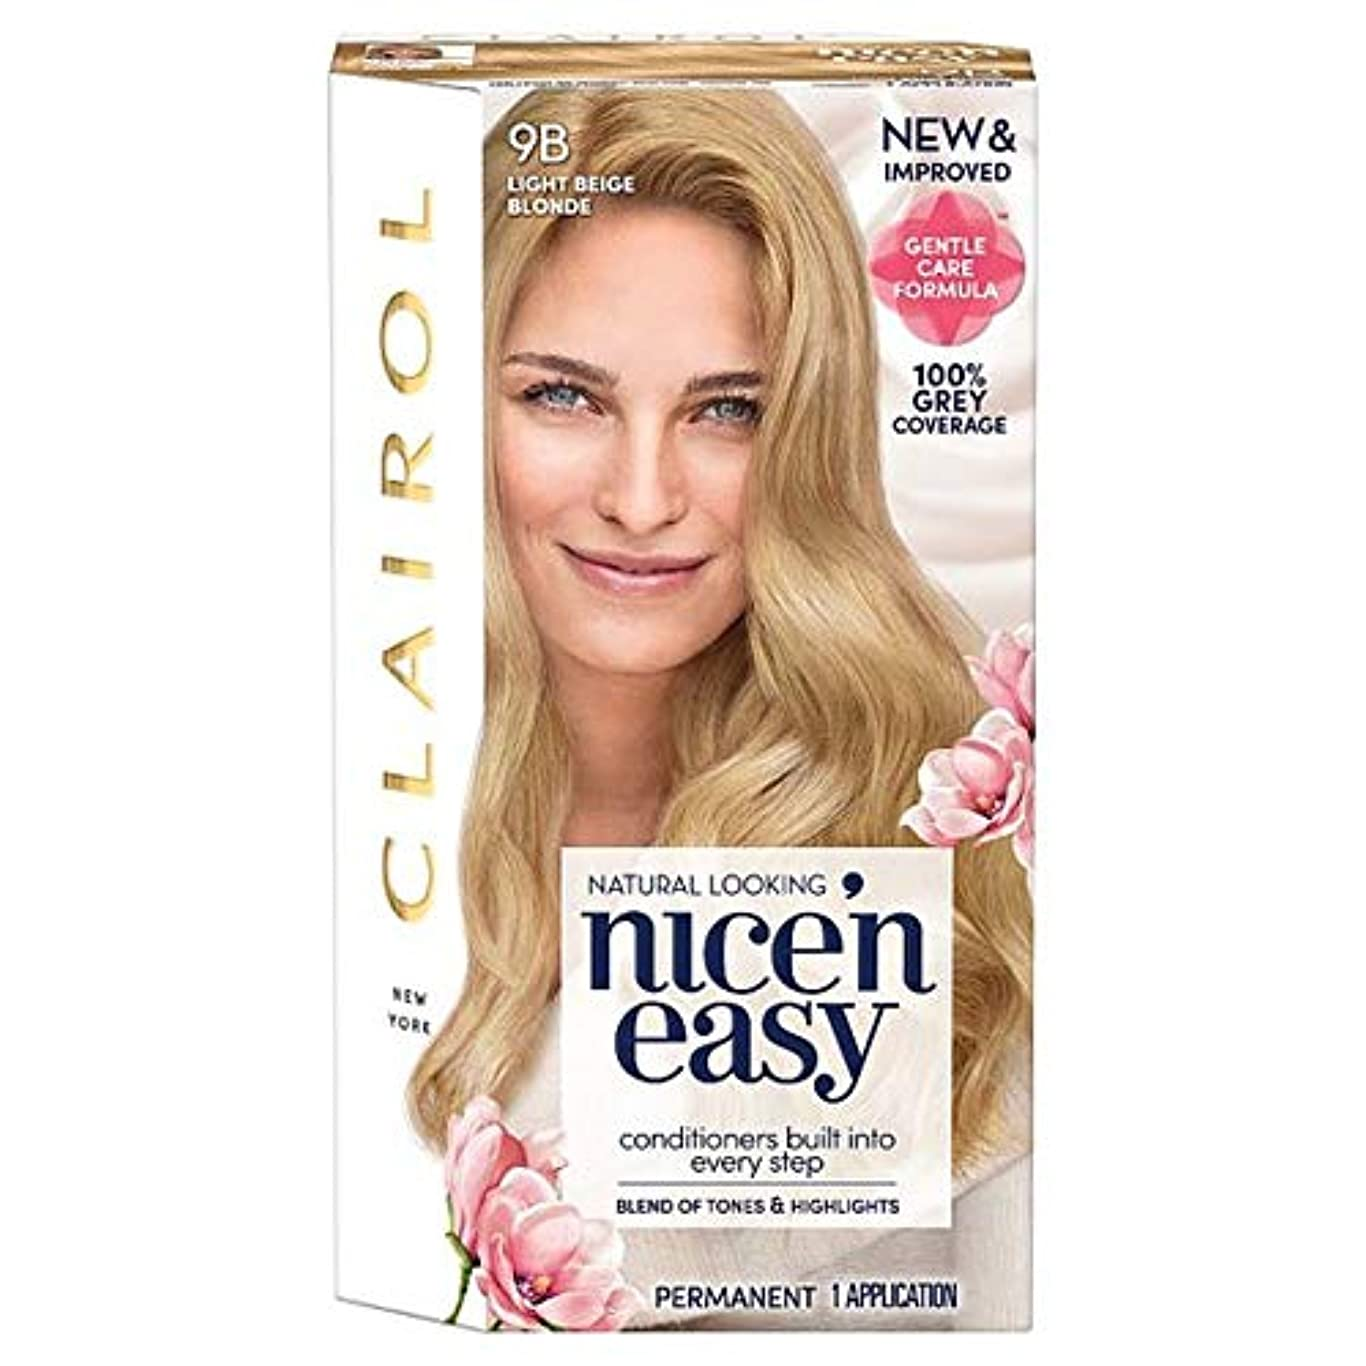 けん引飛行場名前を作る[Nice'n Easy] クレイロール素敵な「N簡単にライトベージュブロンド9Bの染毛剤 - Clairol Nice 'N Easy Light Beige Blonde 9B Hair Dye [並行輸入品]